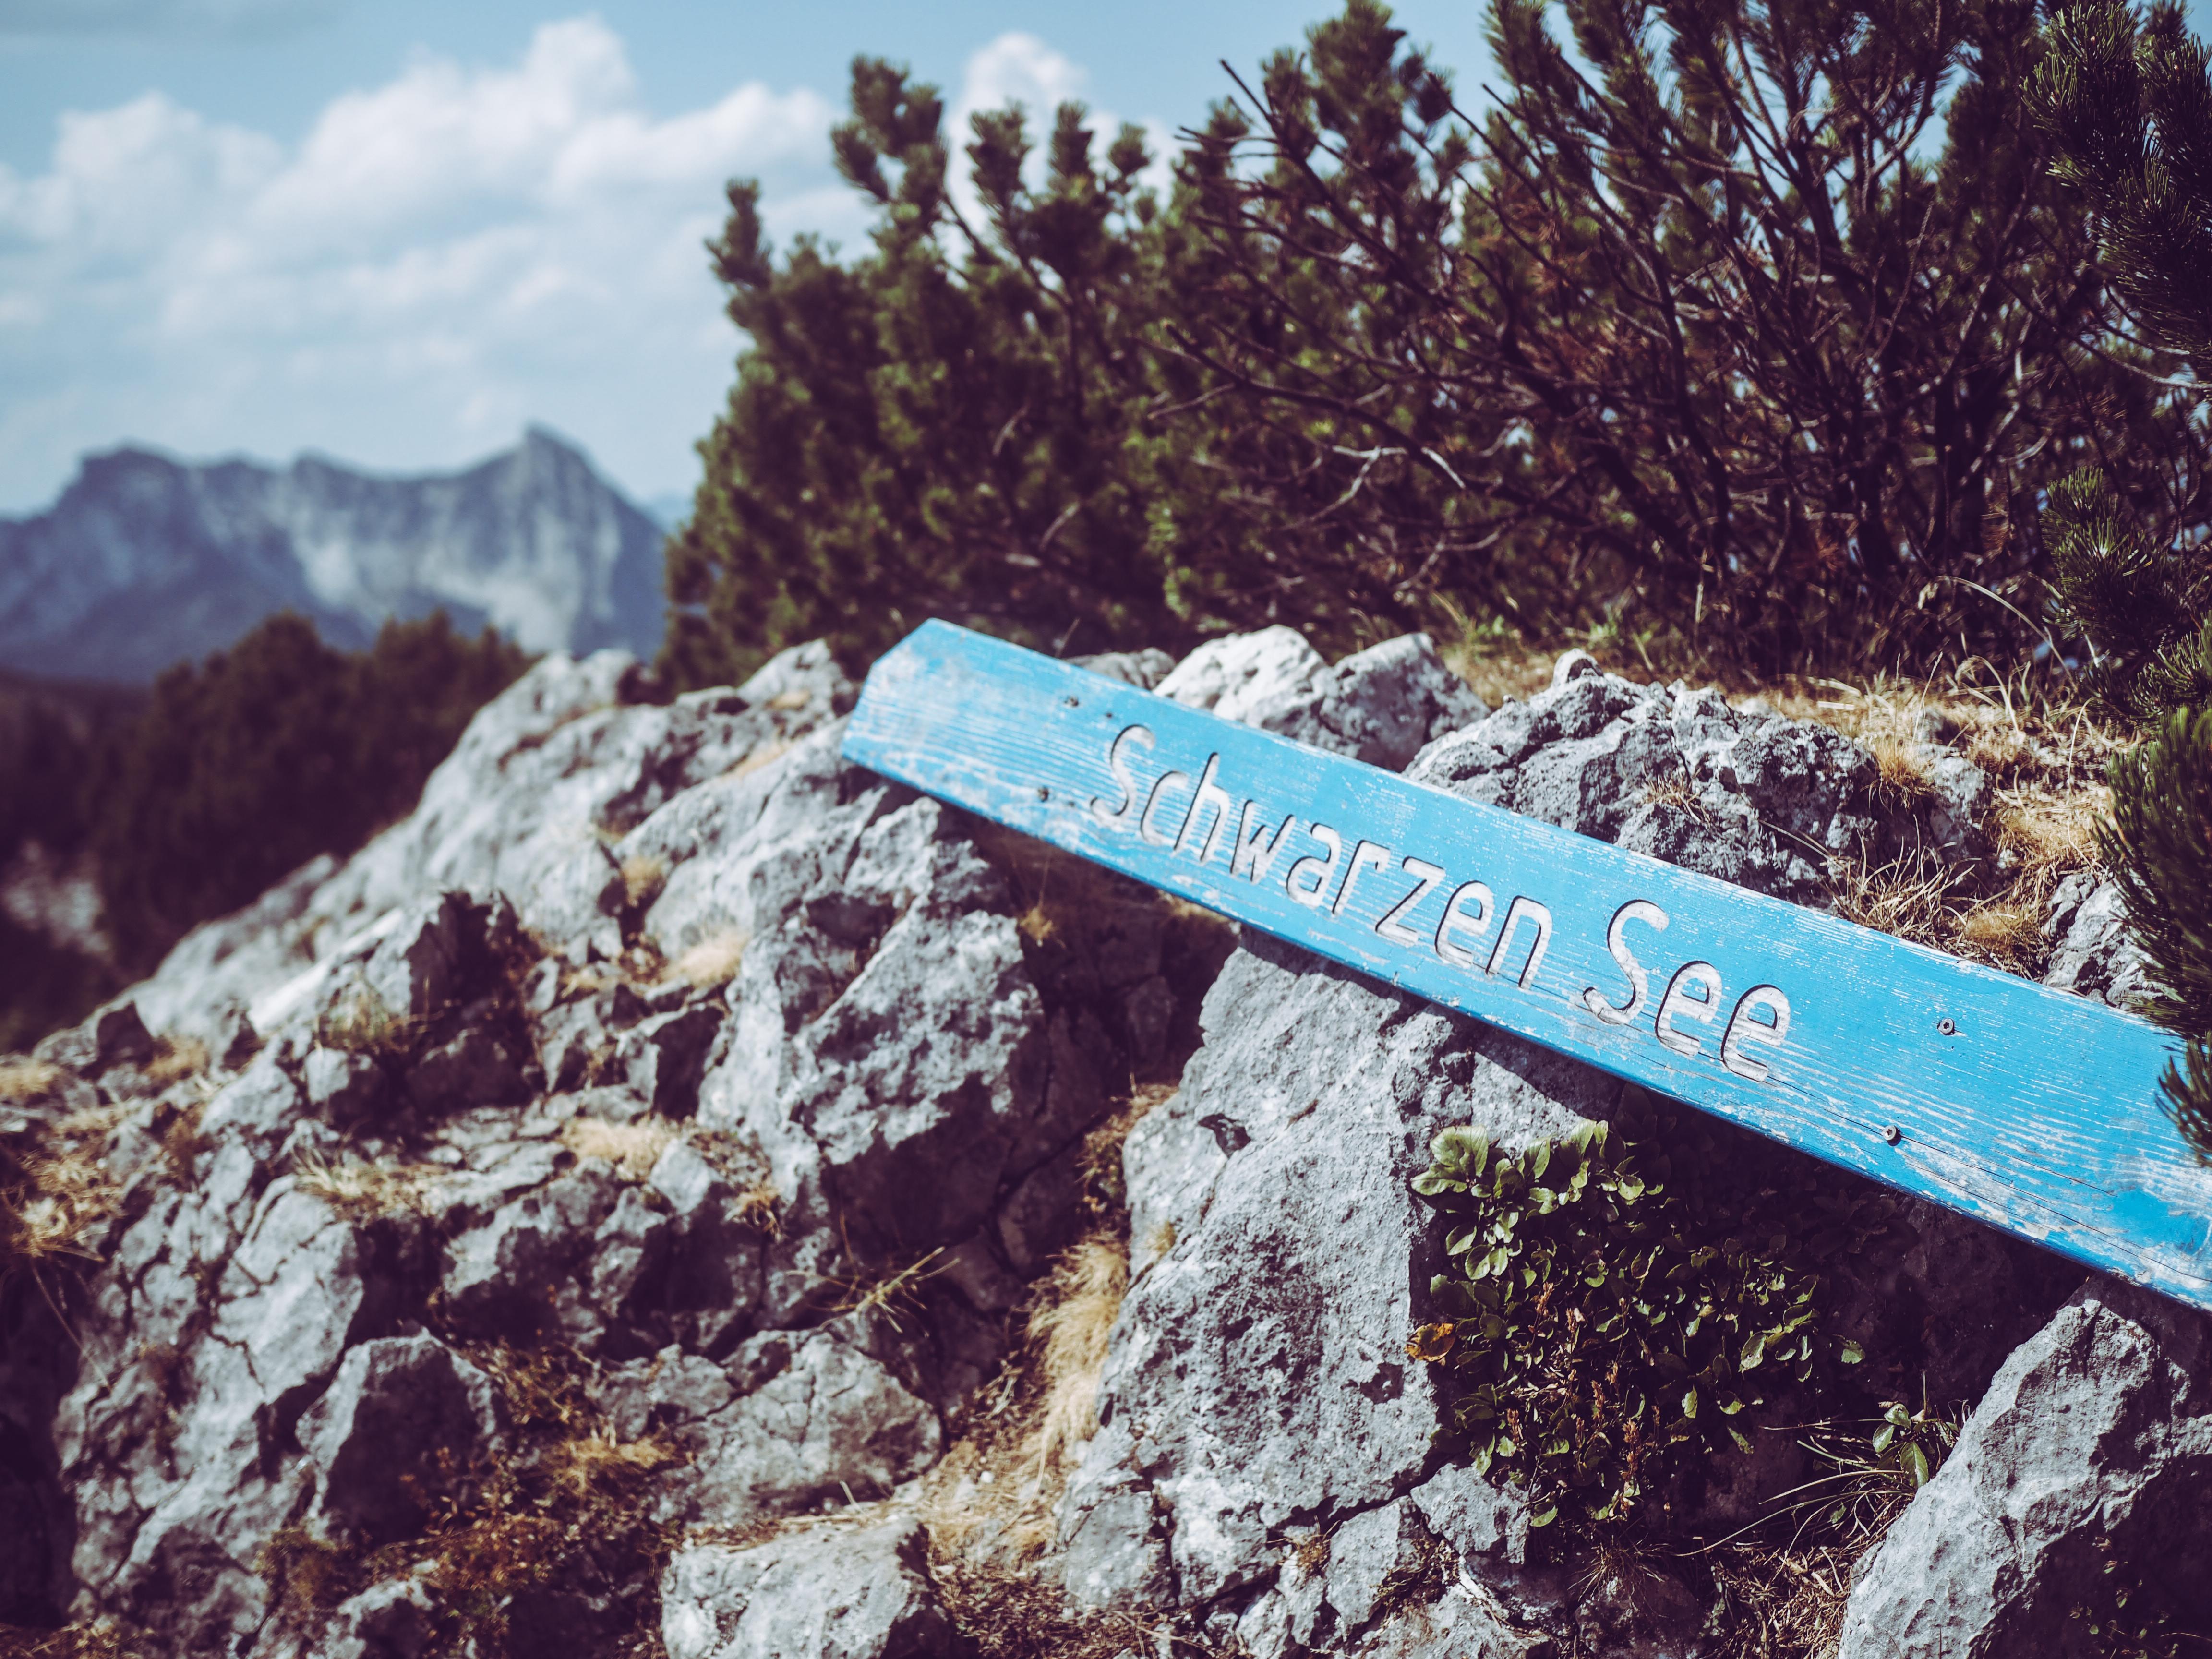 Katrin Seenwanderung |Pixi mit Milch